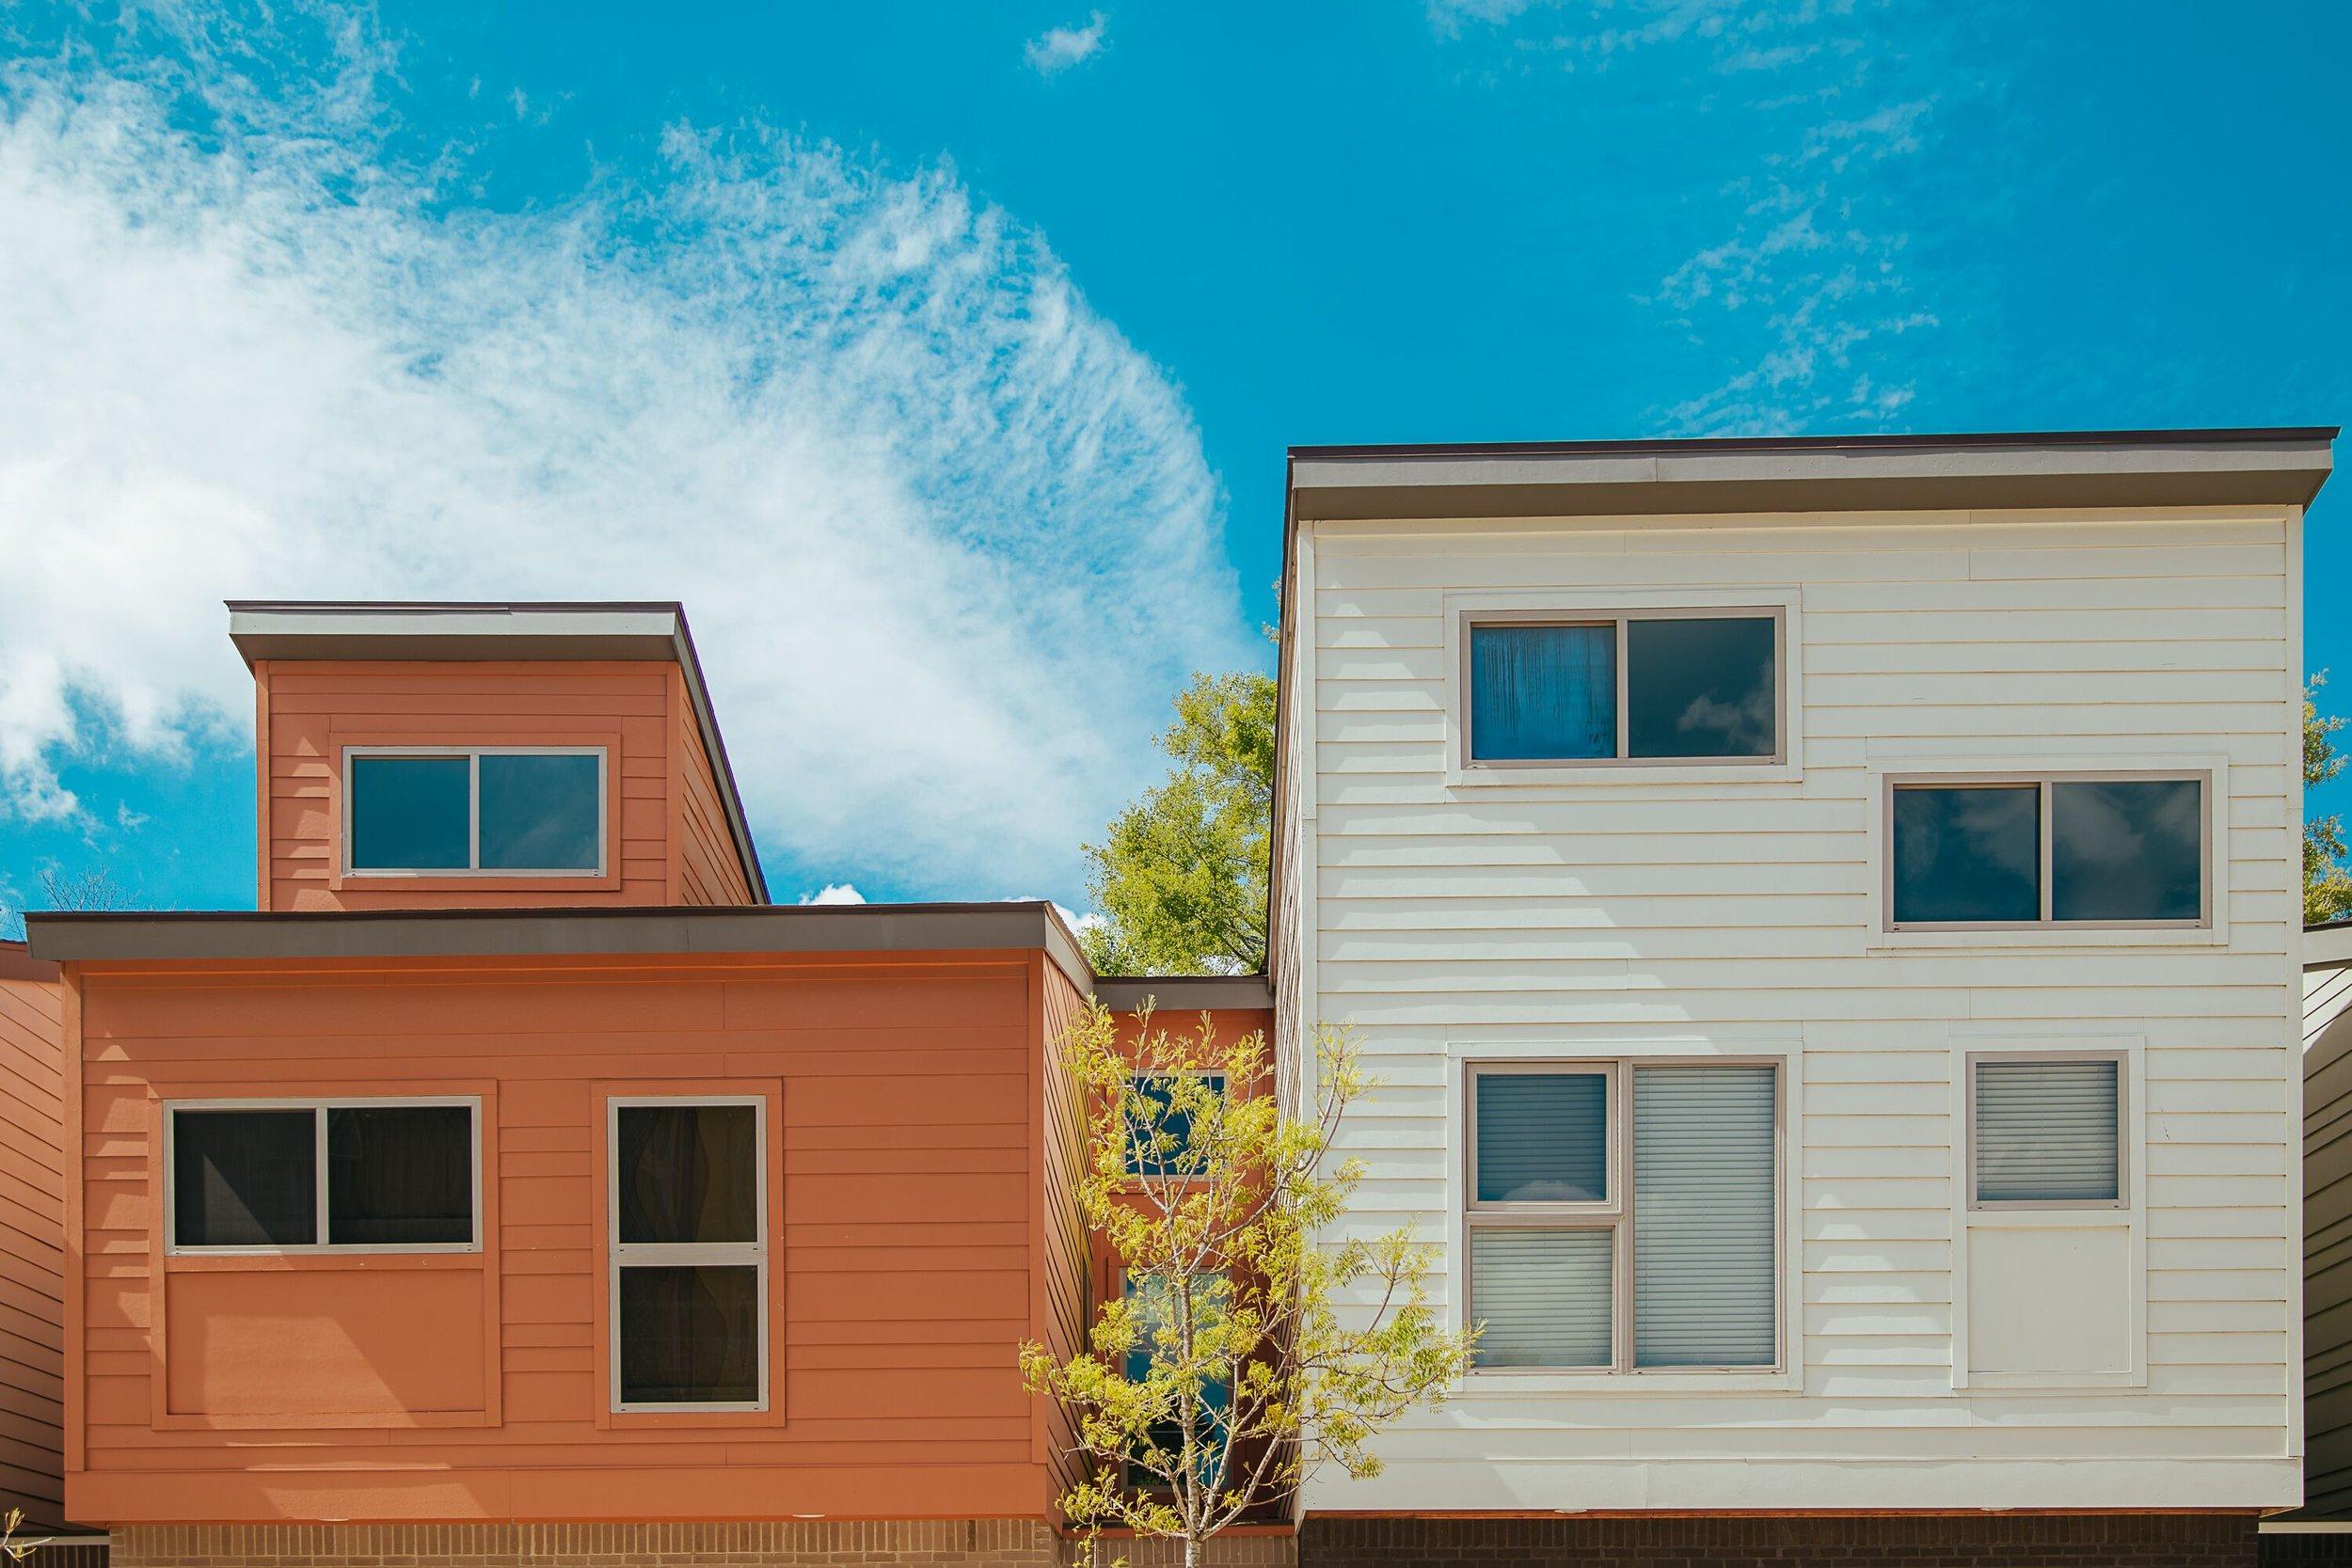 - ENCLAVEUrban DesignLocation: Lafayette, LADate: OngoingSize: 11 Acres